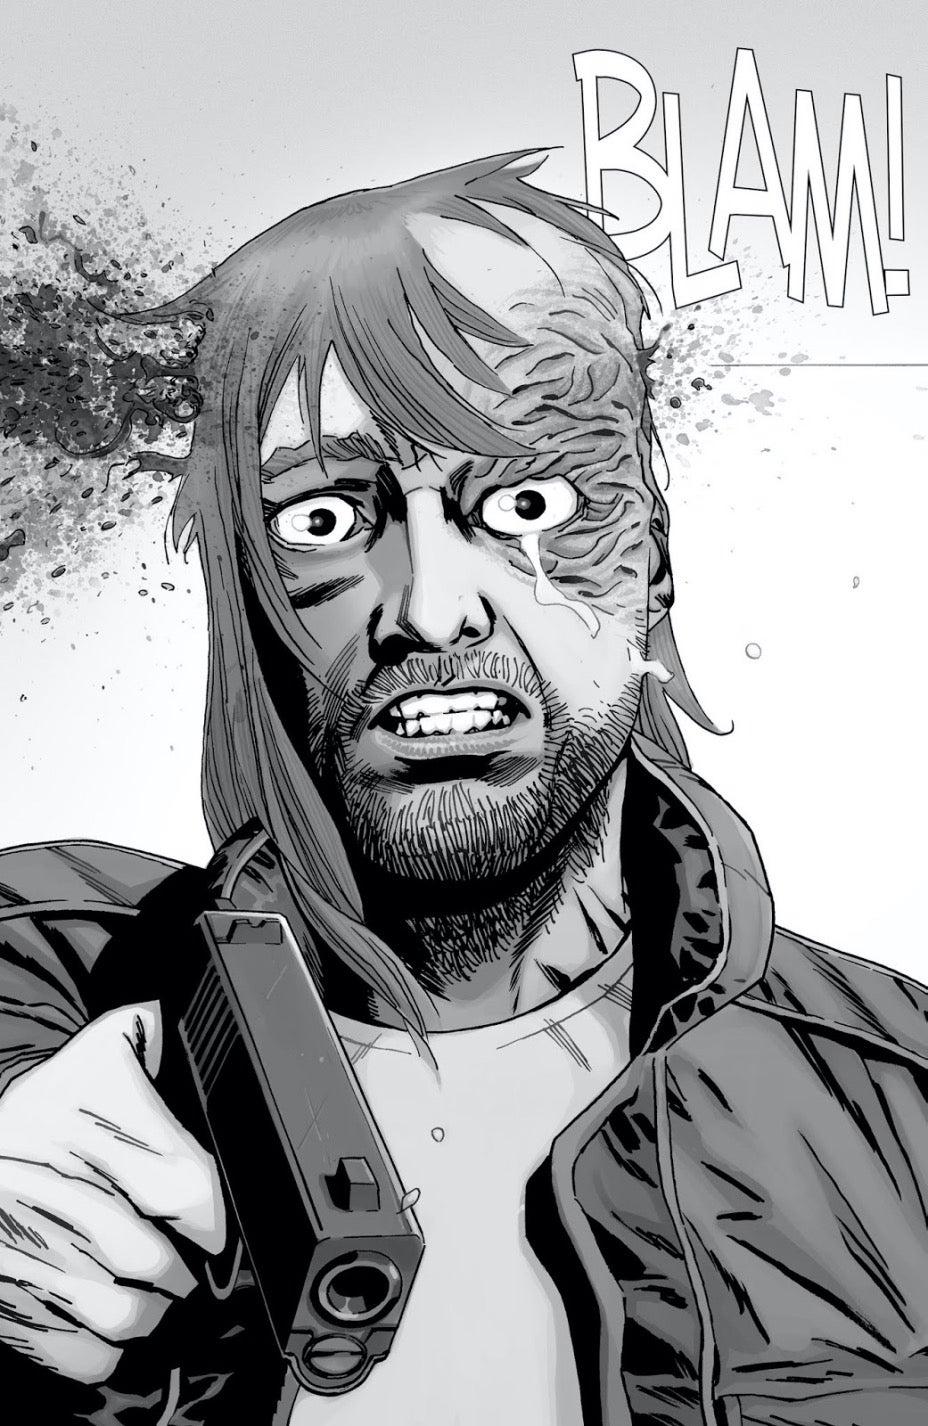 The Walking Dead Dwight death